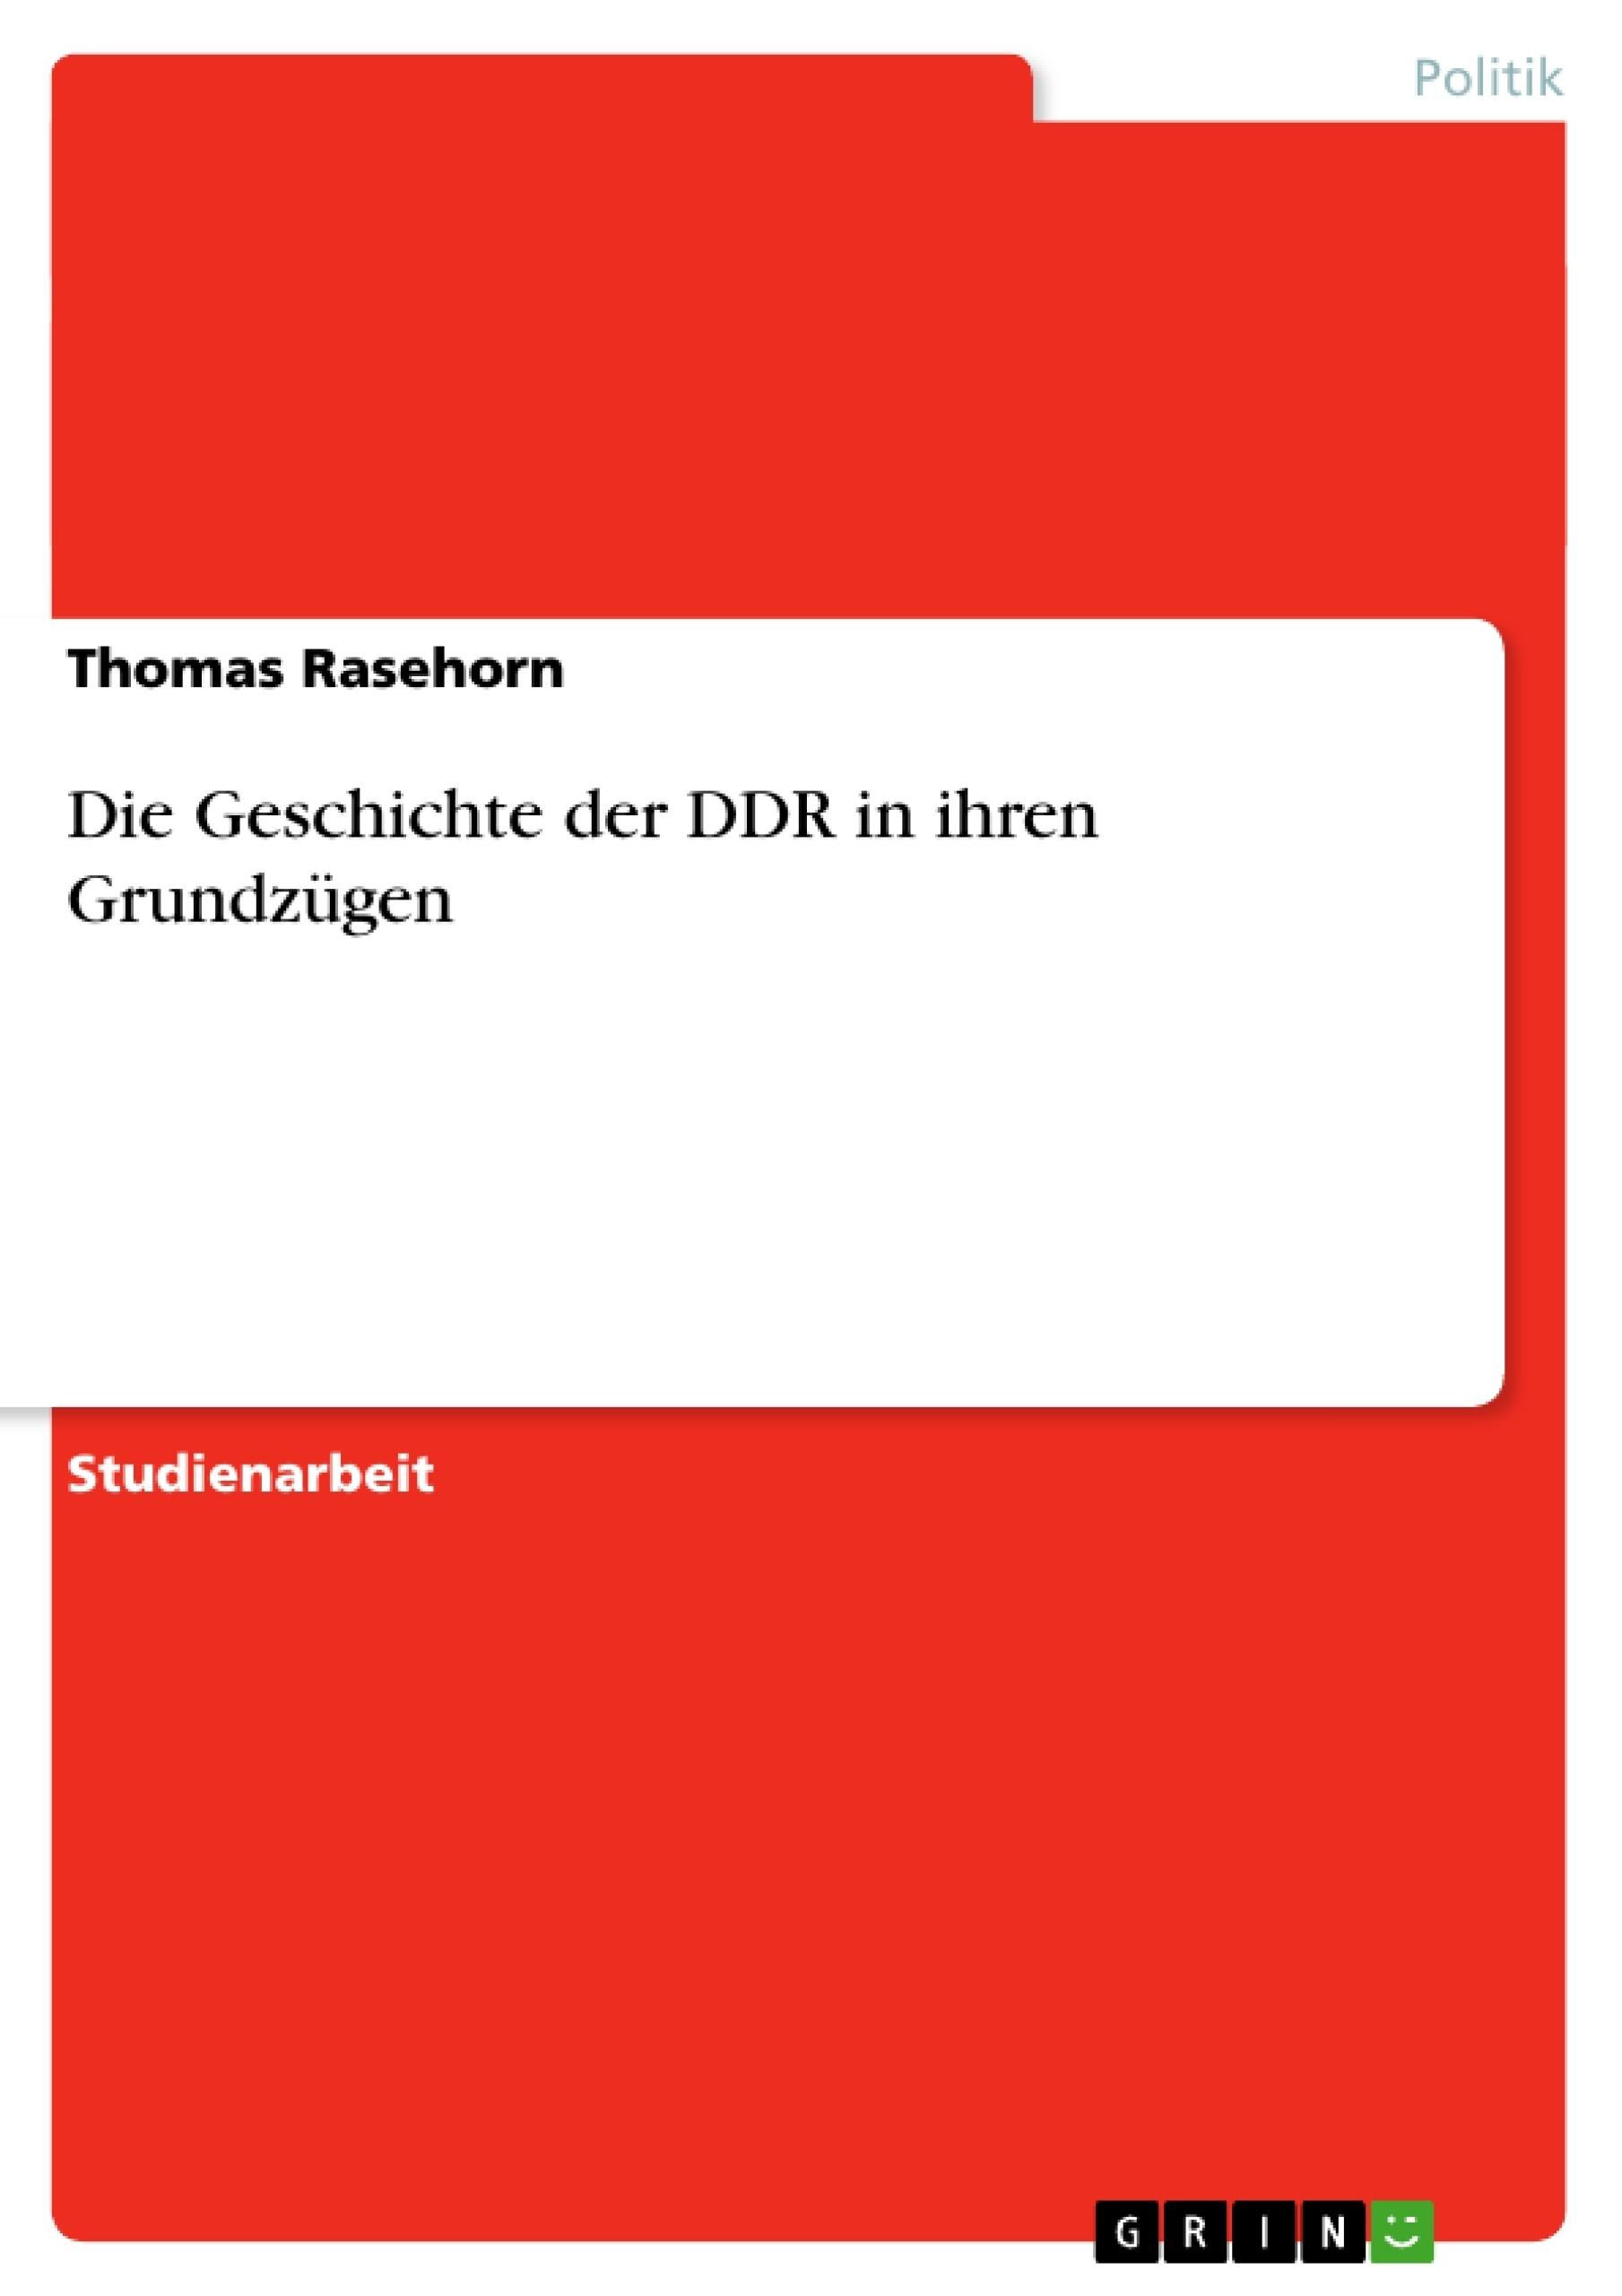 Titel: Die Geschichte der DDR in ihren Grundzügen